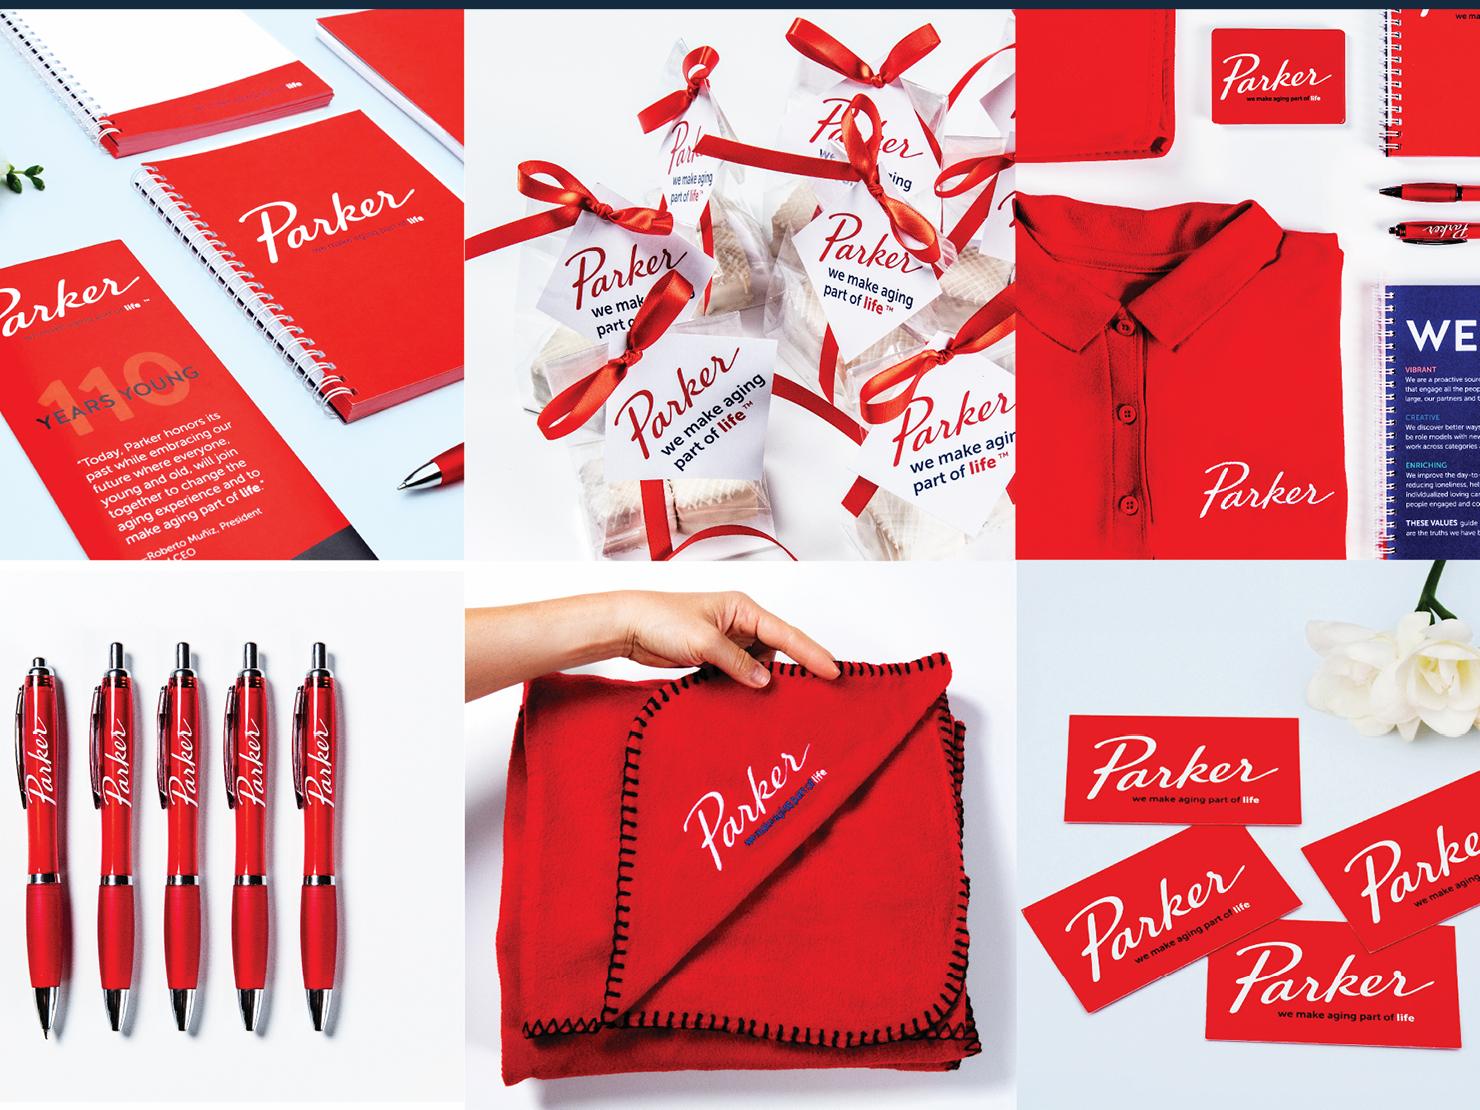 Parker_Merchandise3_1480x11109